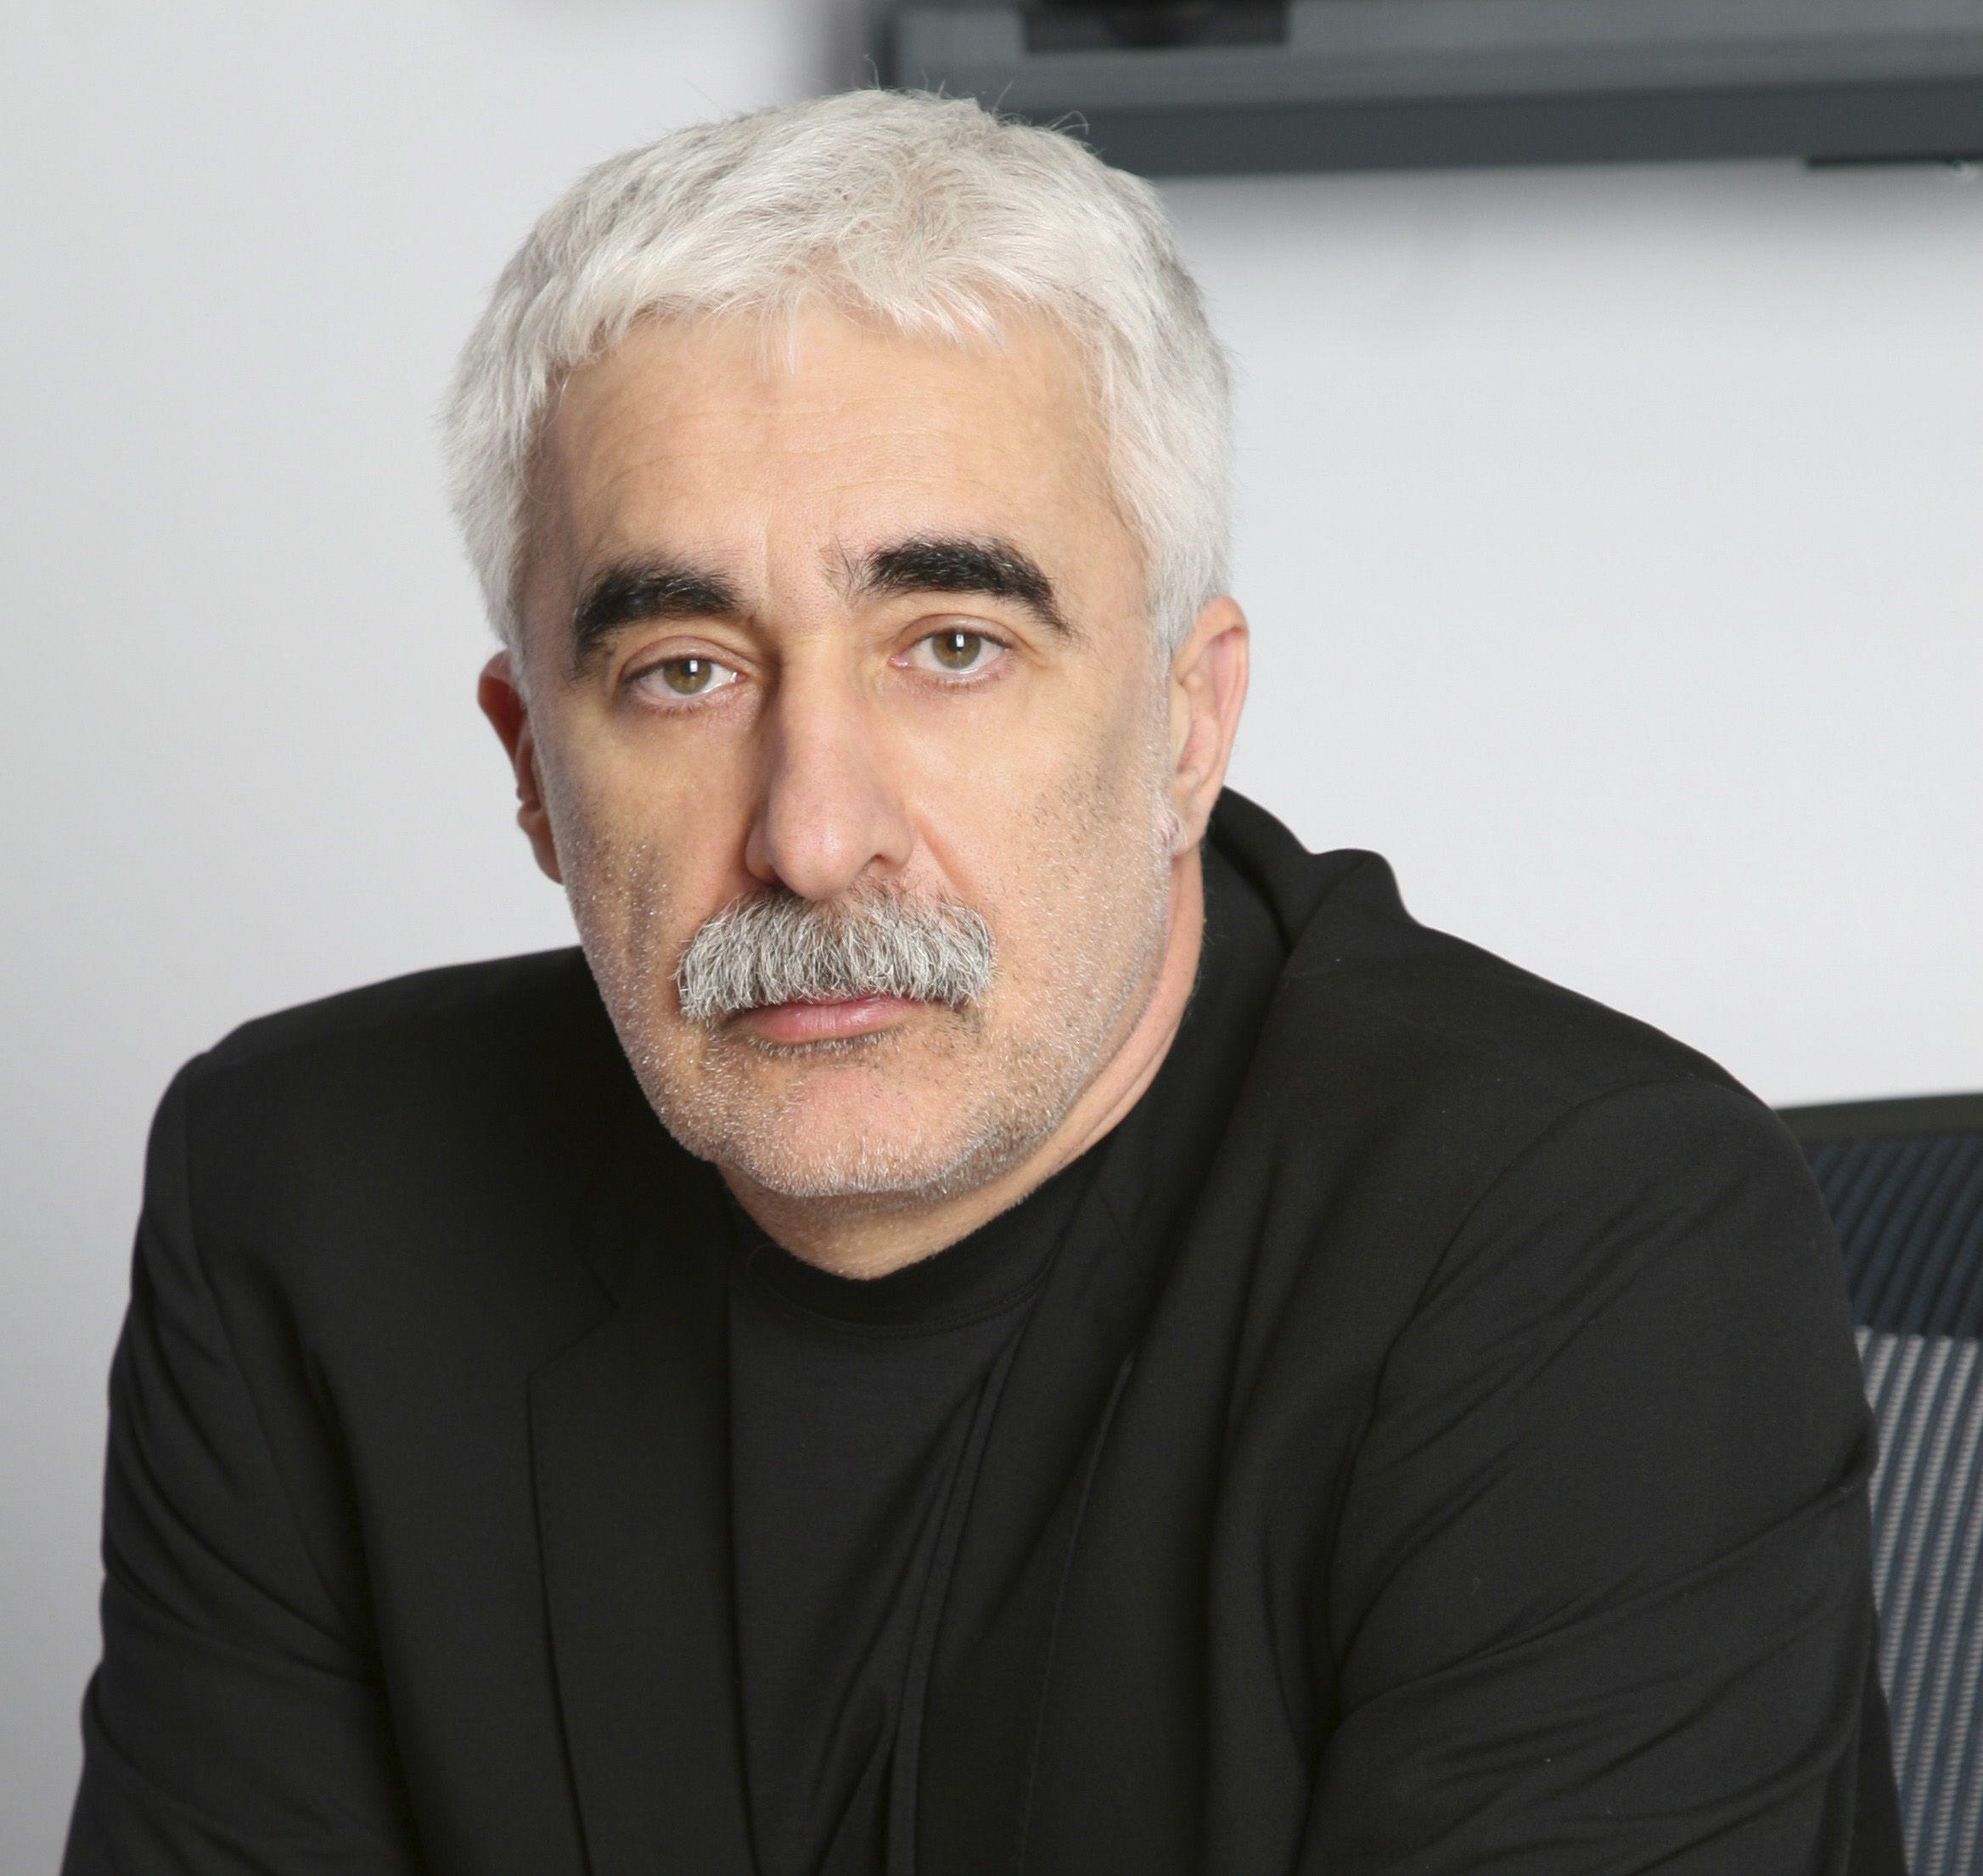 """Aleph News, postul TV al lui Adrian Sârbu, va emite de pe 1 septembrie! """"E un proiect al secolului 21"""""""